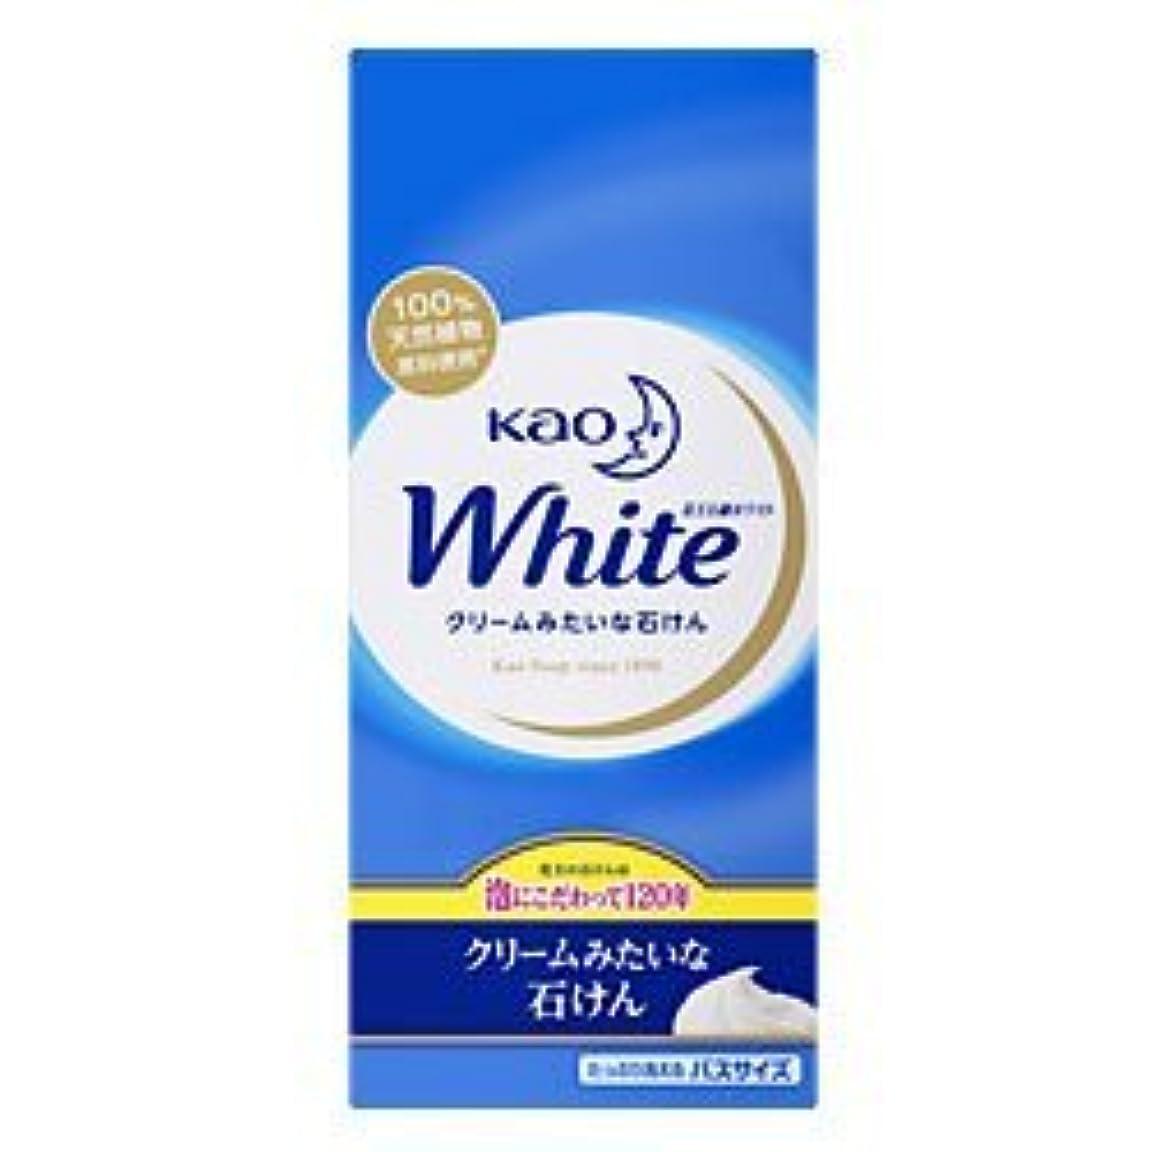 しなやかゆるい空洞【花王】花王ホワイト バスサイズ 130g×6個 ×5個セット